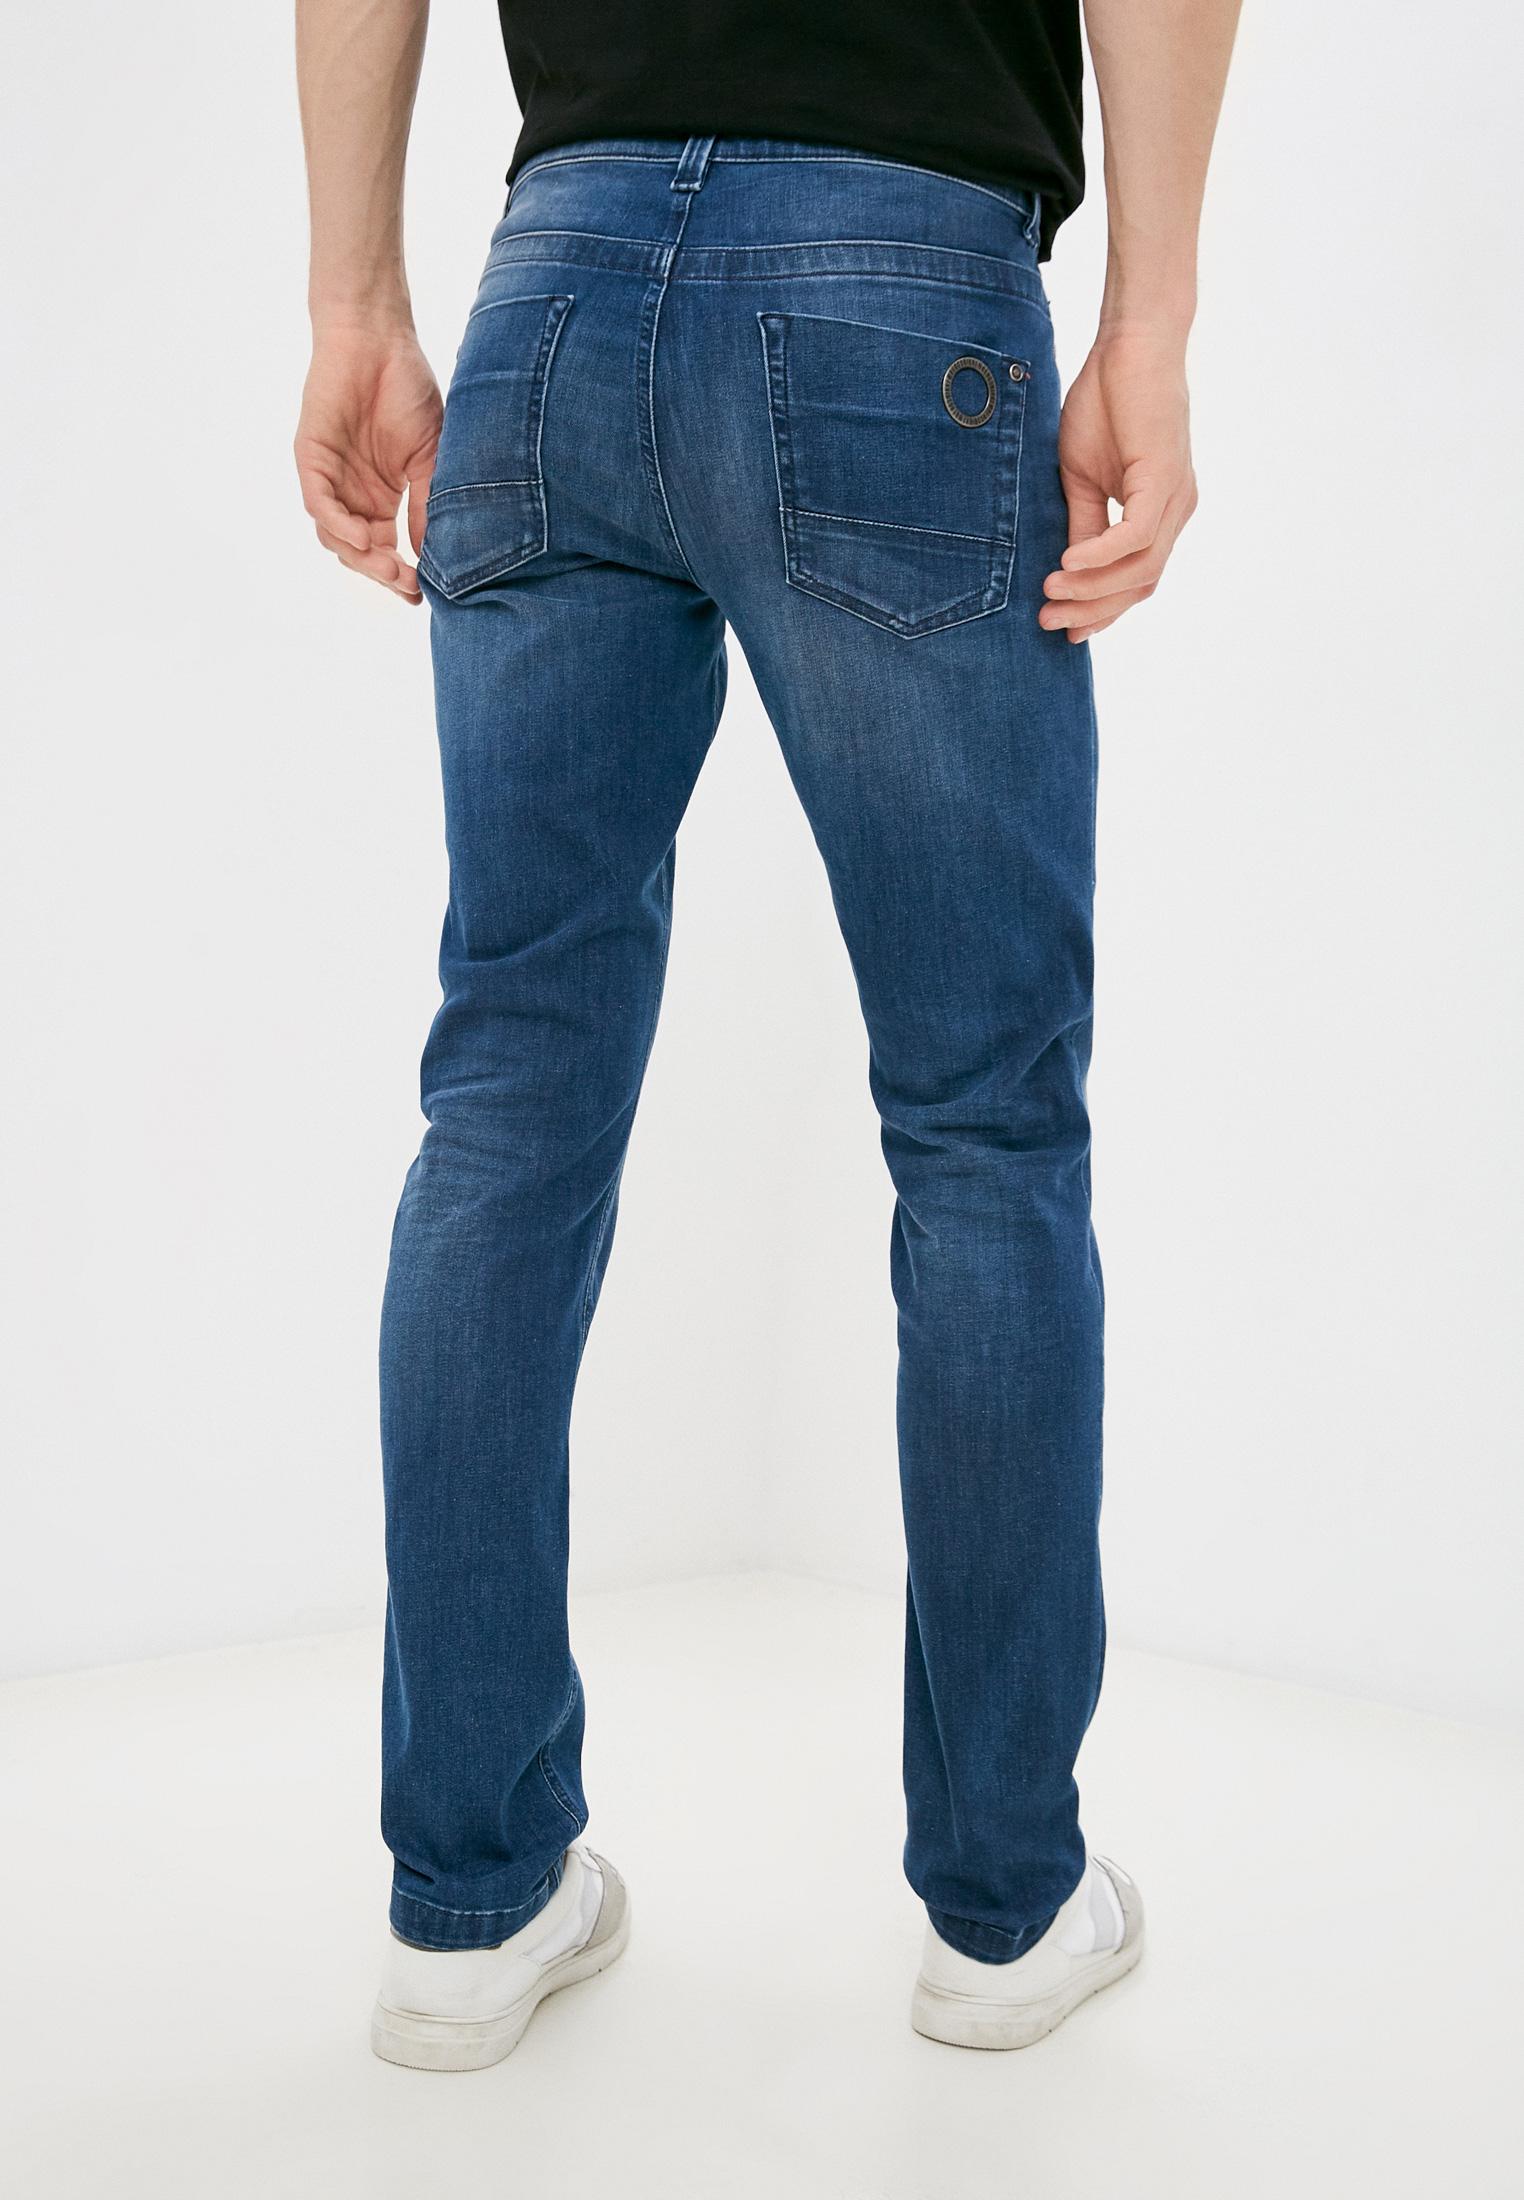 Мужские зауженные джинсы Bikkembergs (Биккембергс) C Q 101 18 S 3511: изображение 4